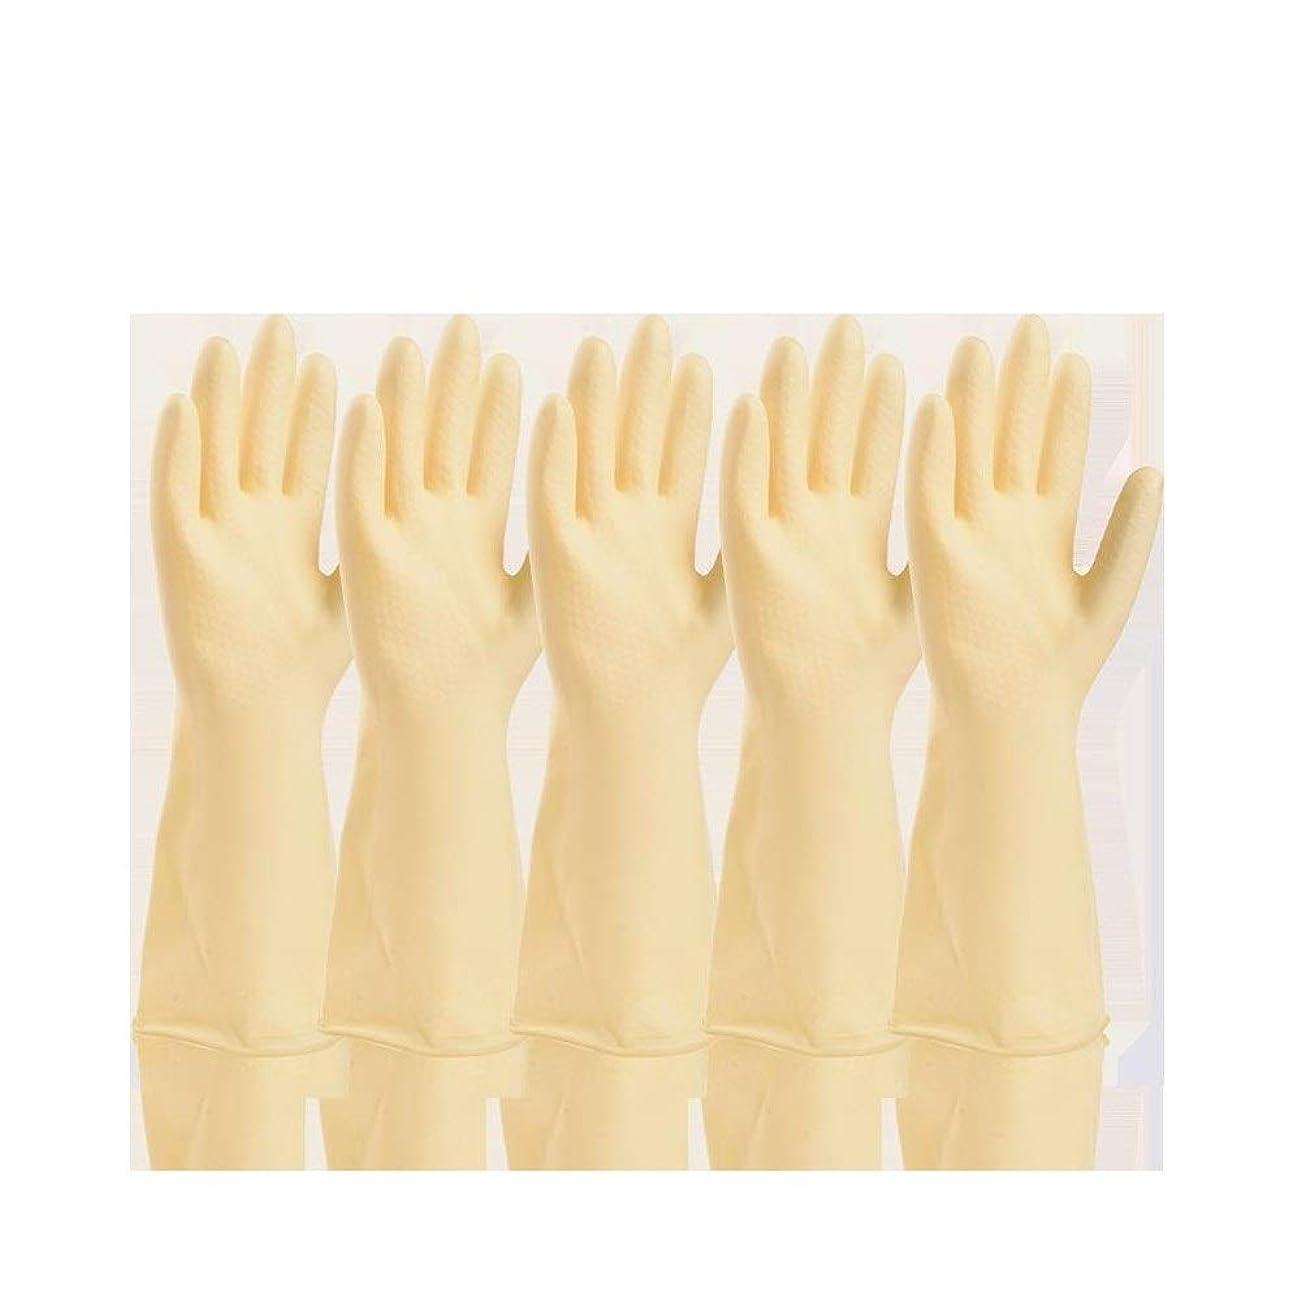 民族主義通り飛び込む使い捨て手袋 工業用手袋厚手のプラスチック製保護用耐水性防水ラテックス手袋、5ペア ニトリルゴム手袋 (Color : White, Size : S)